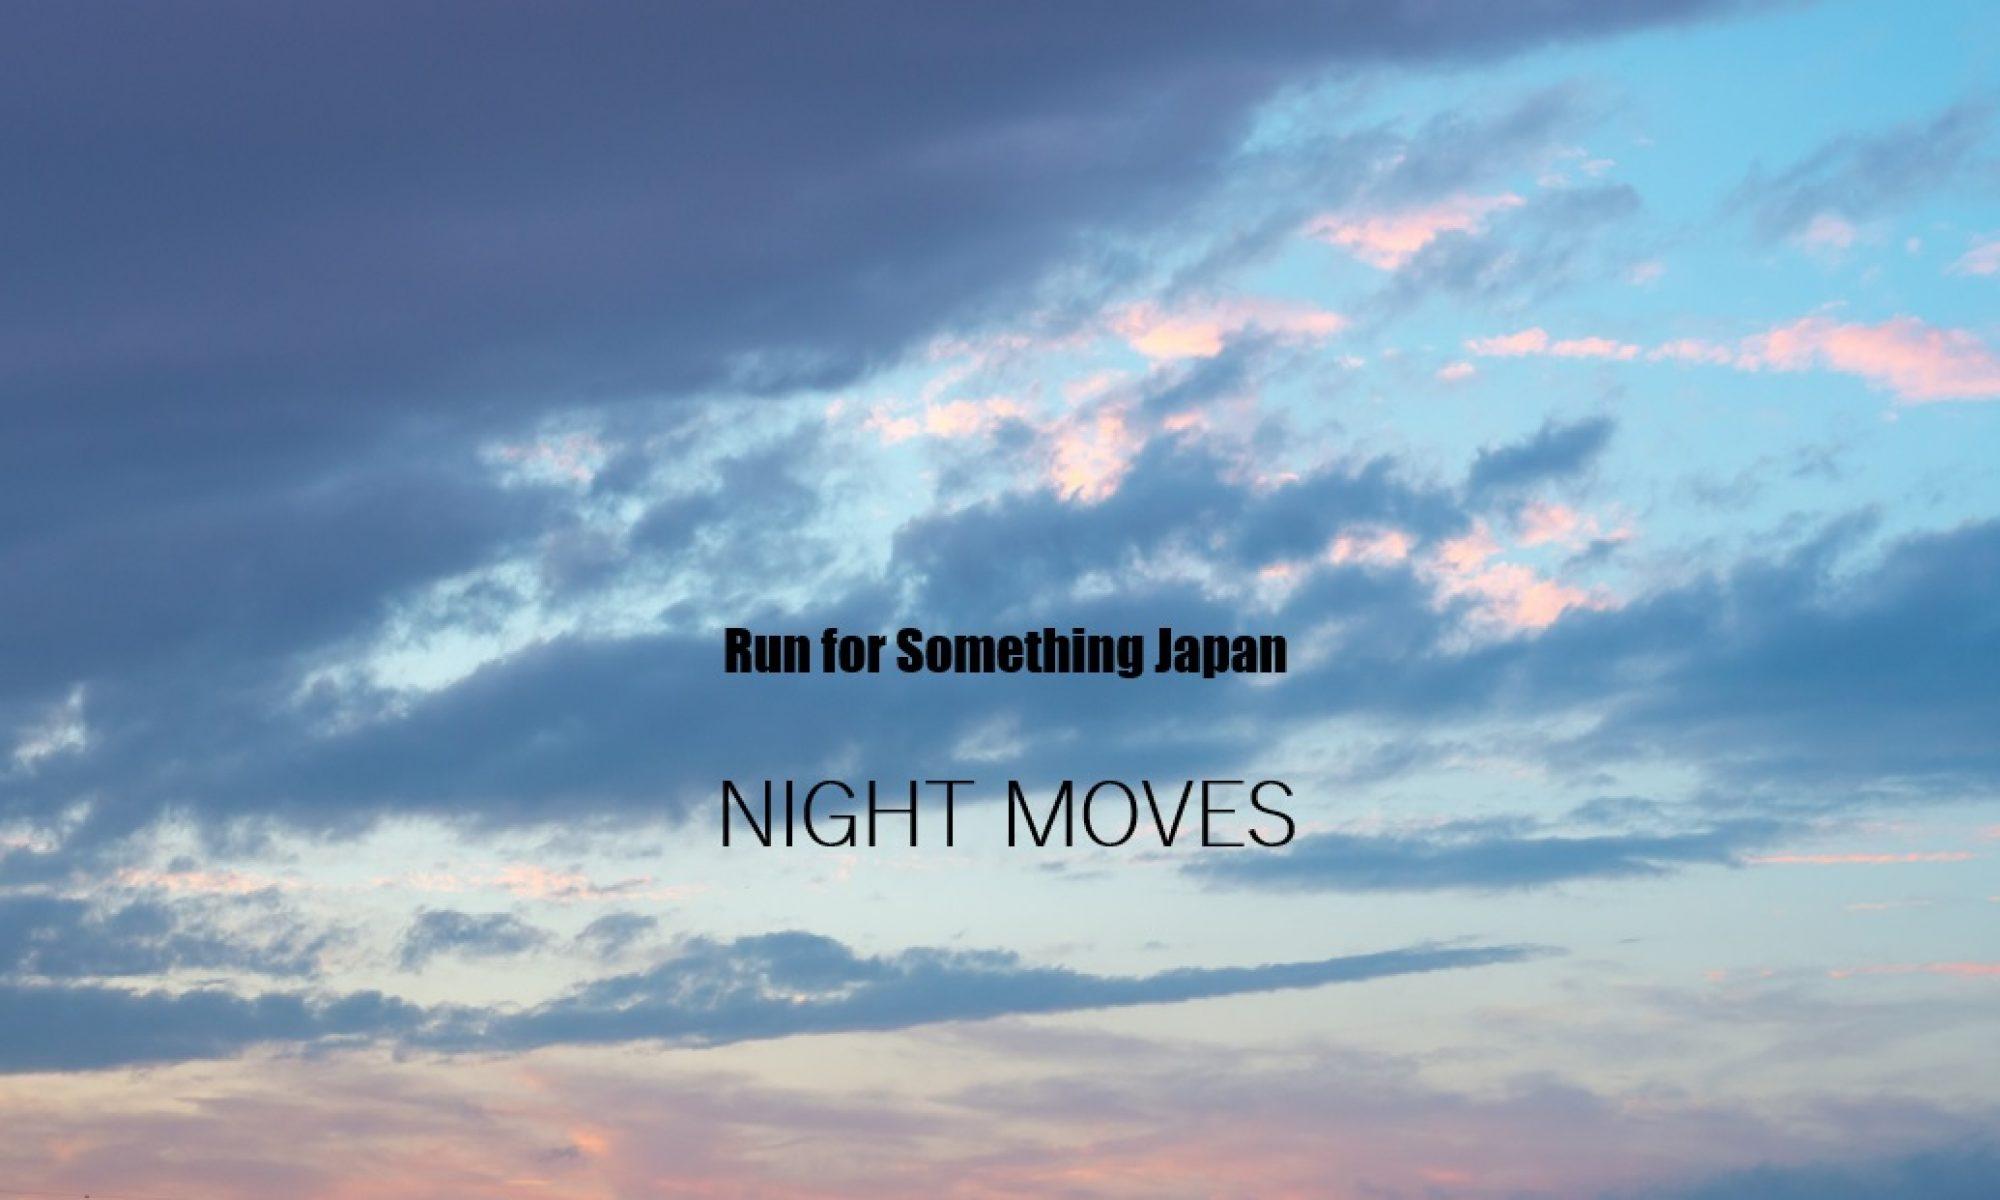 run for something japan